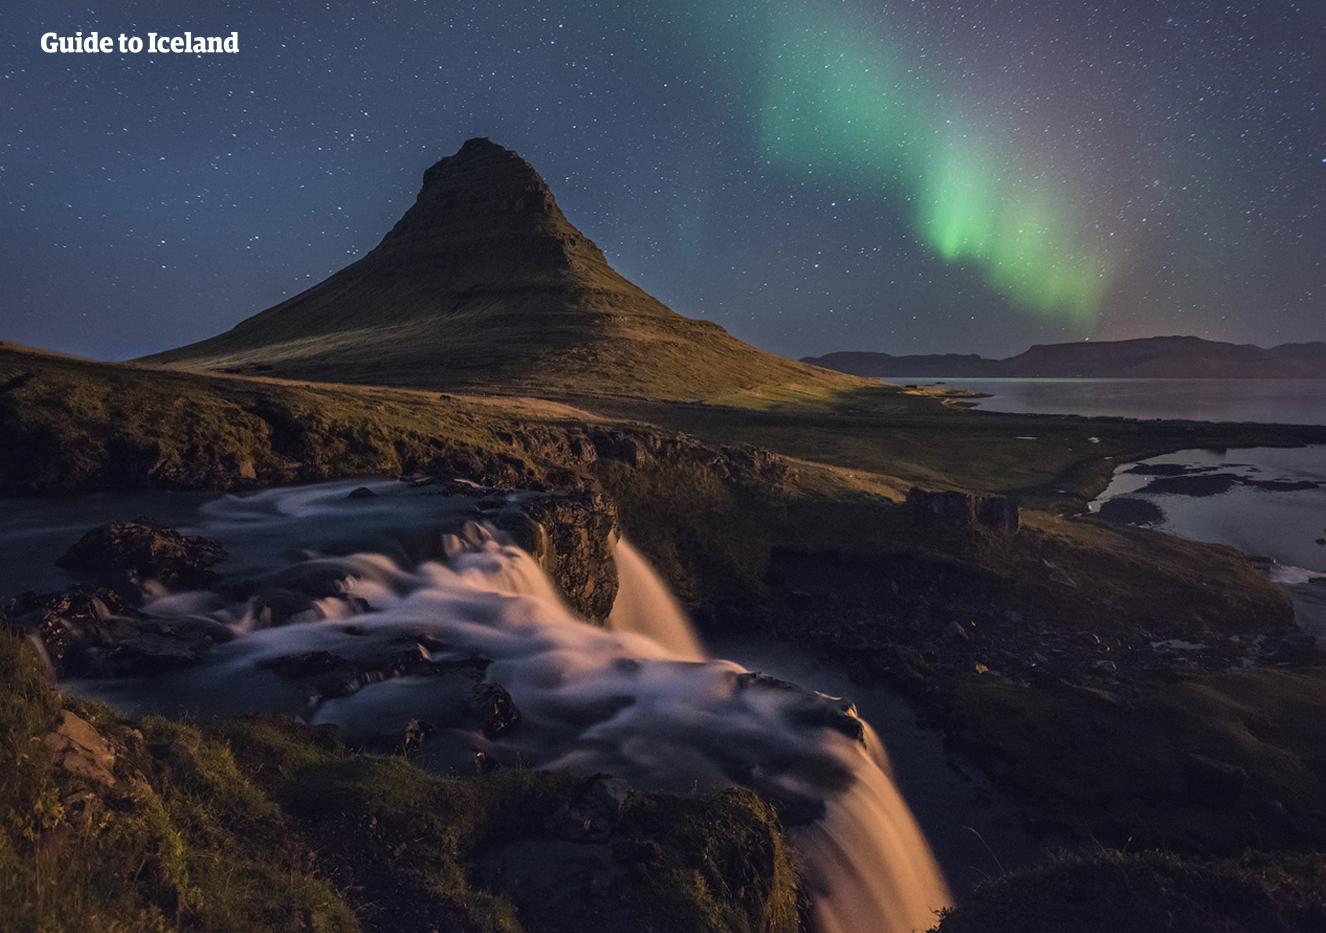 Hay pocos sitios tan impresionantes y desalentadores en Islandia en invierno como el Monte Kirkjufell.